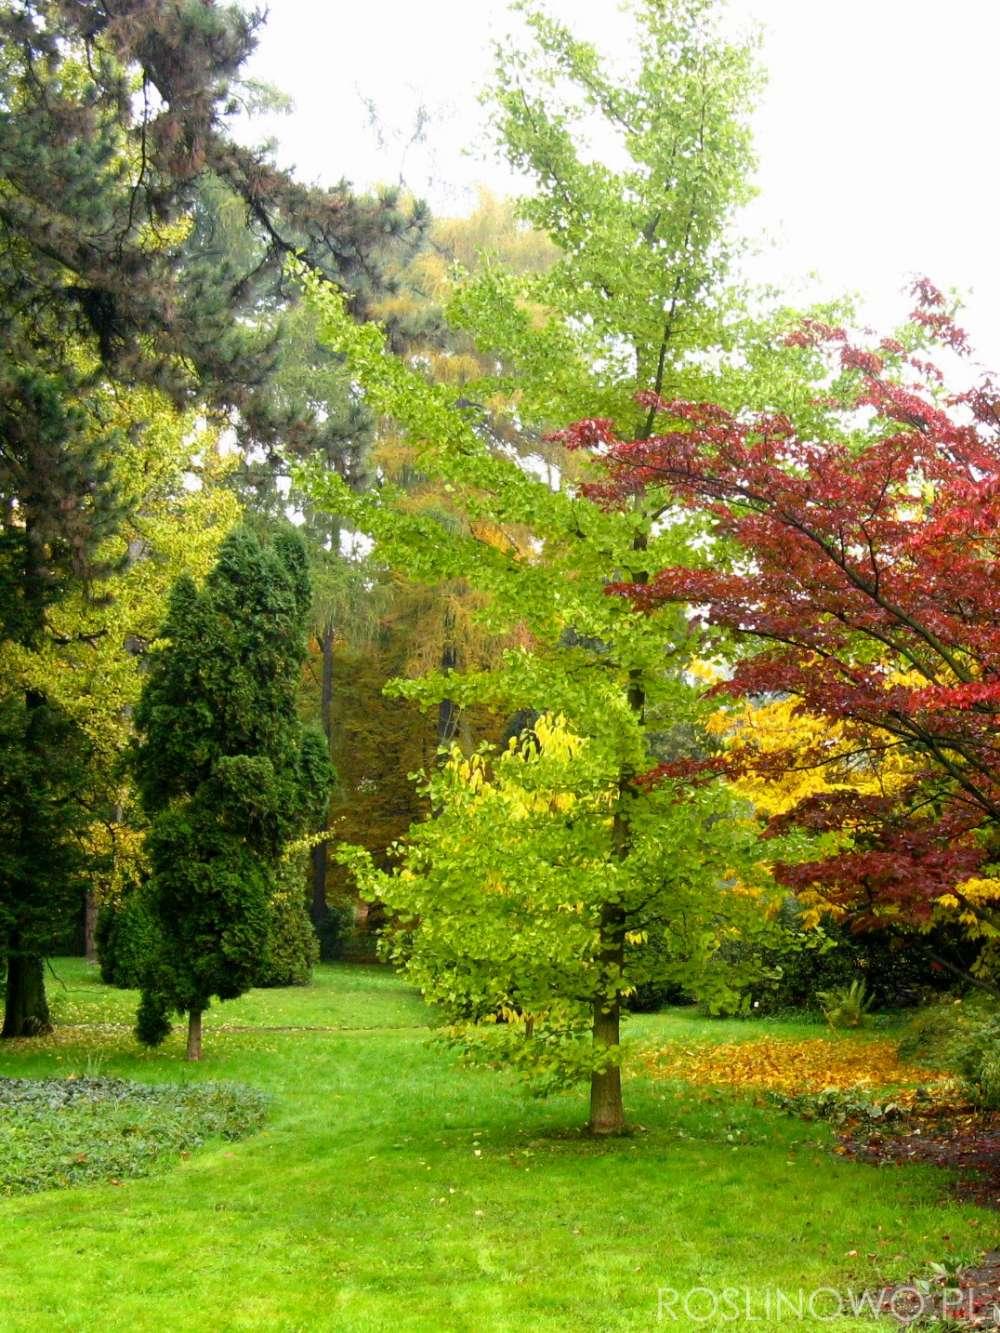 ginkgo biloba - pochodzące z Chin drzewo liściaste o walorach zdrowotnych